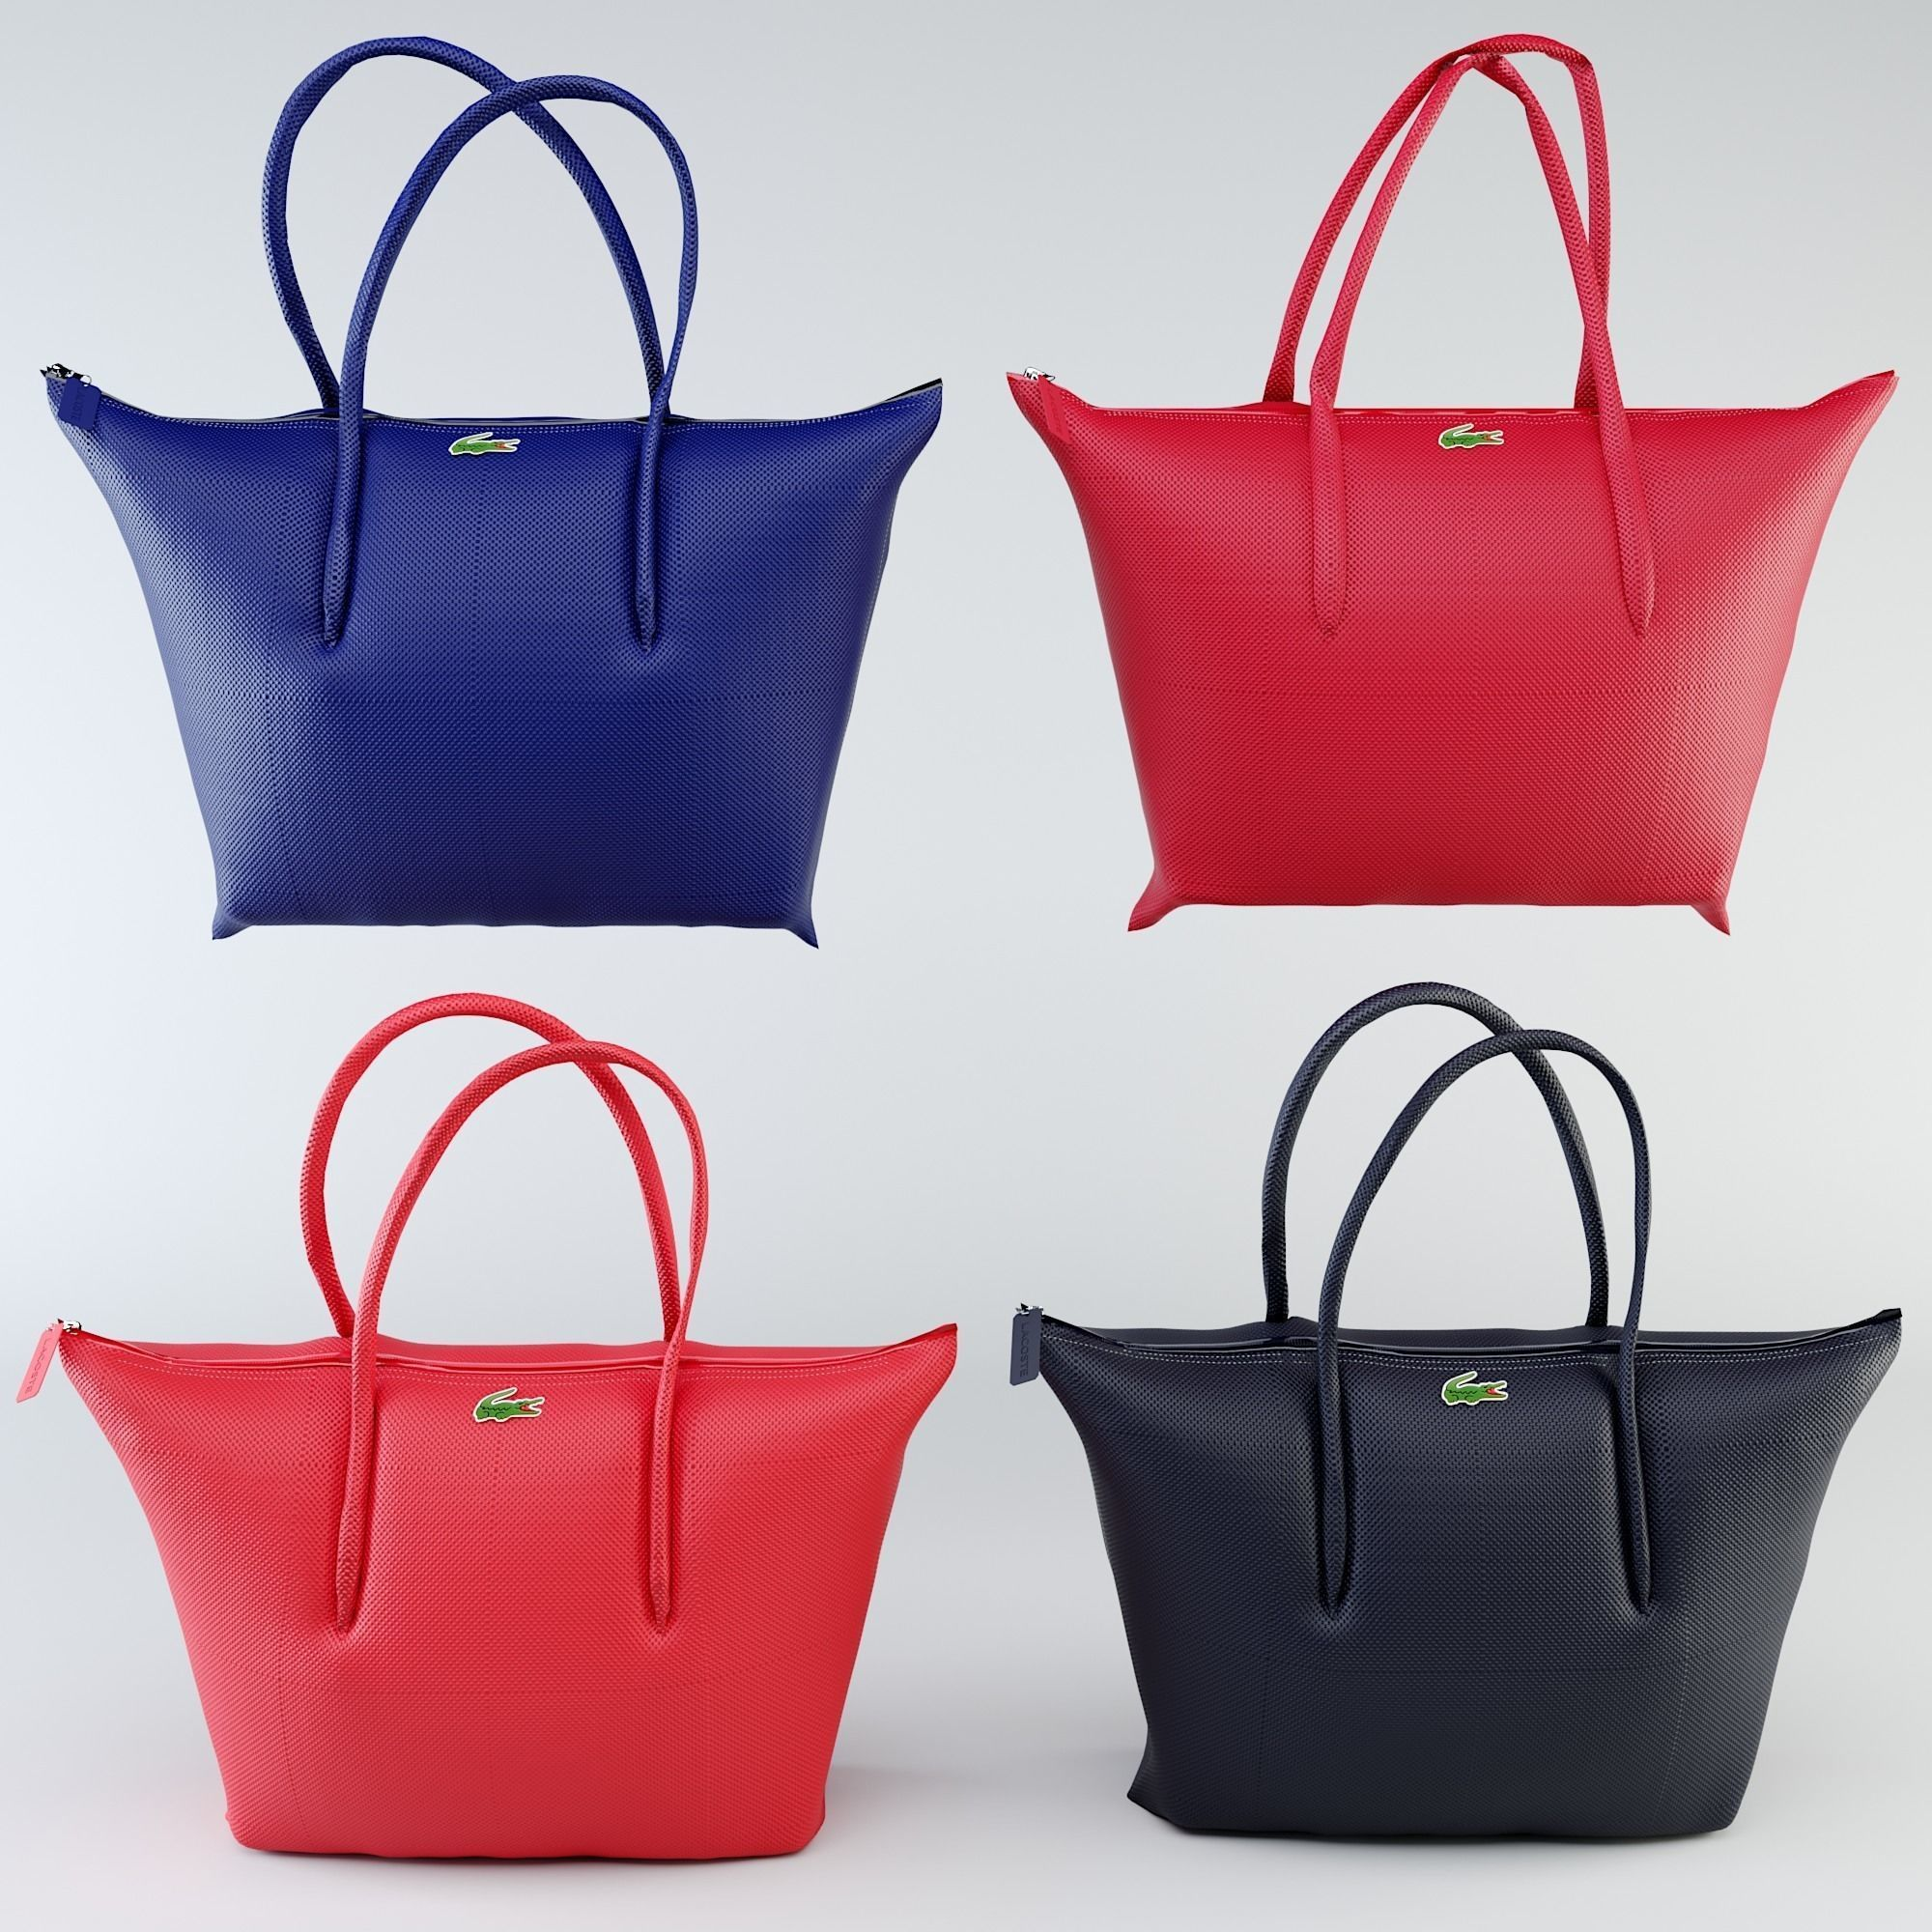 Lacoste Bags 3d Model Max Obj Mtl 1